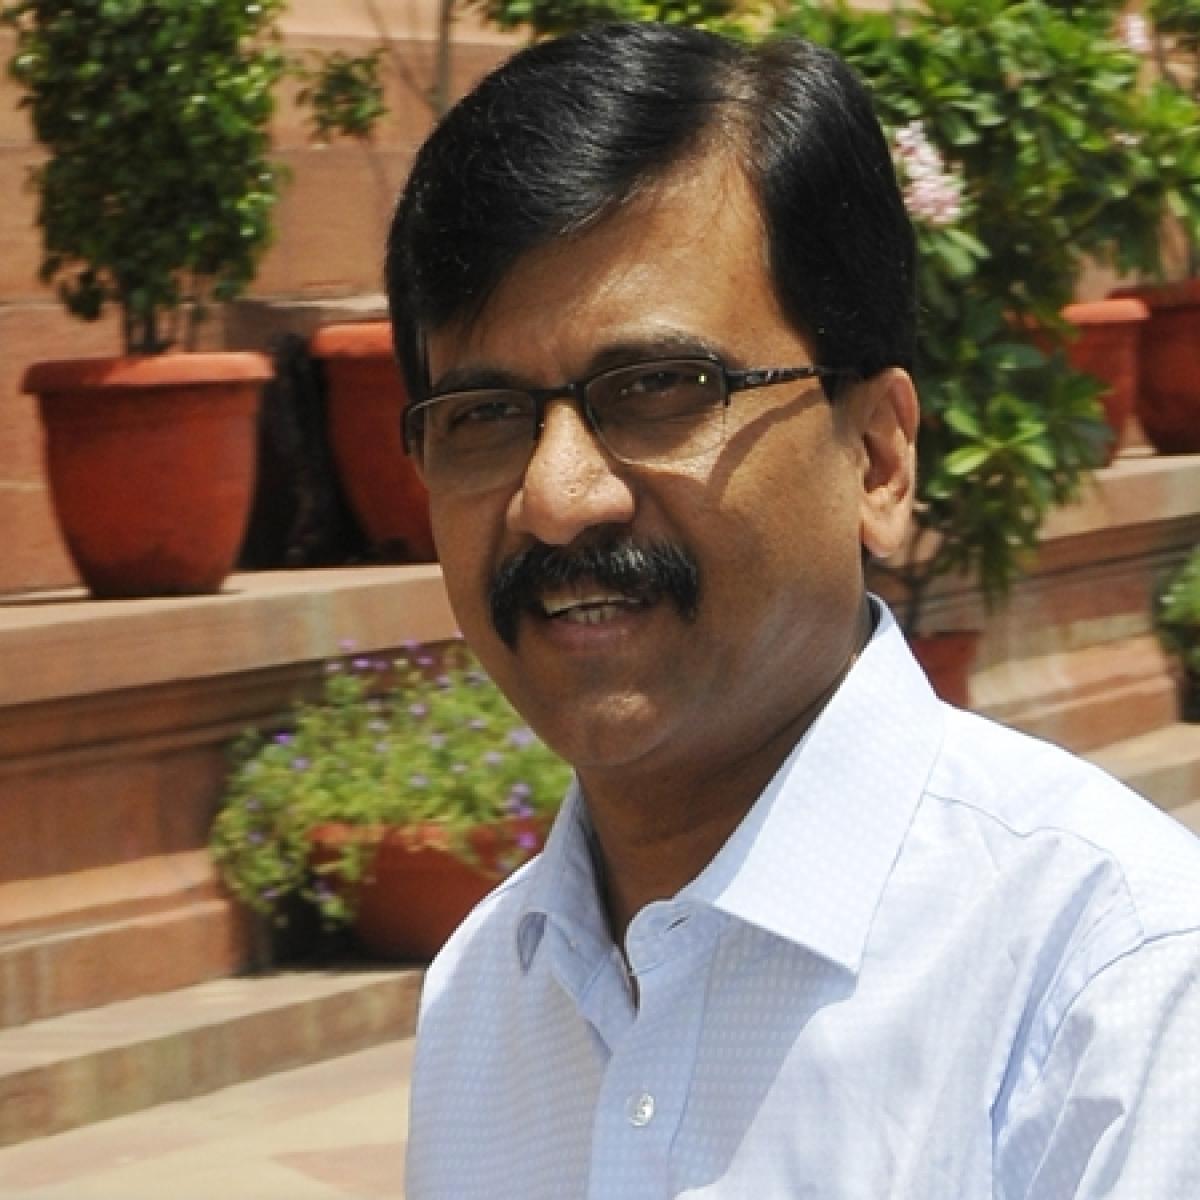 No Dushyant Chautala in Maharashtra, Sena's politics is of dharma & truth: Sanjay Raut